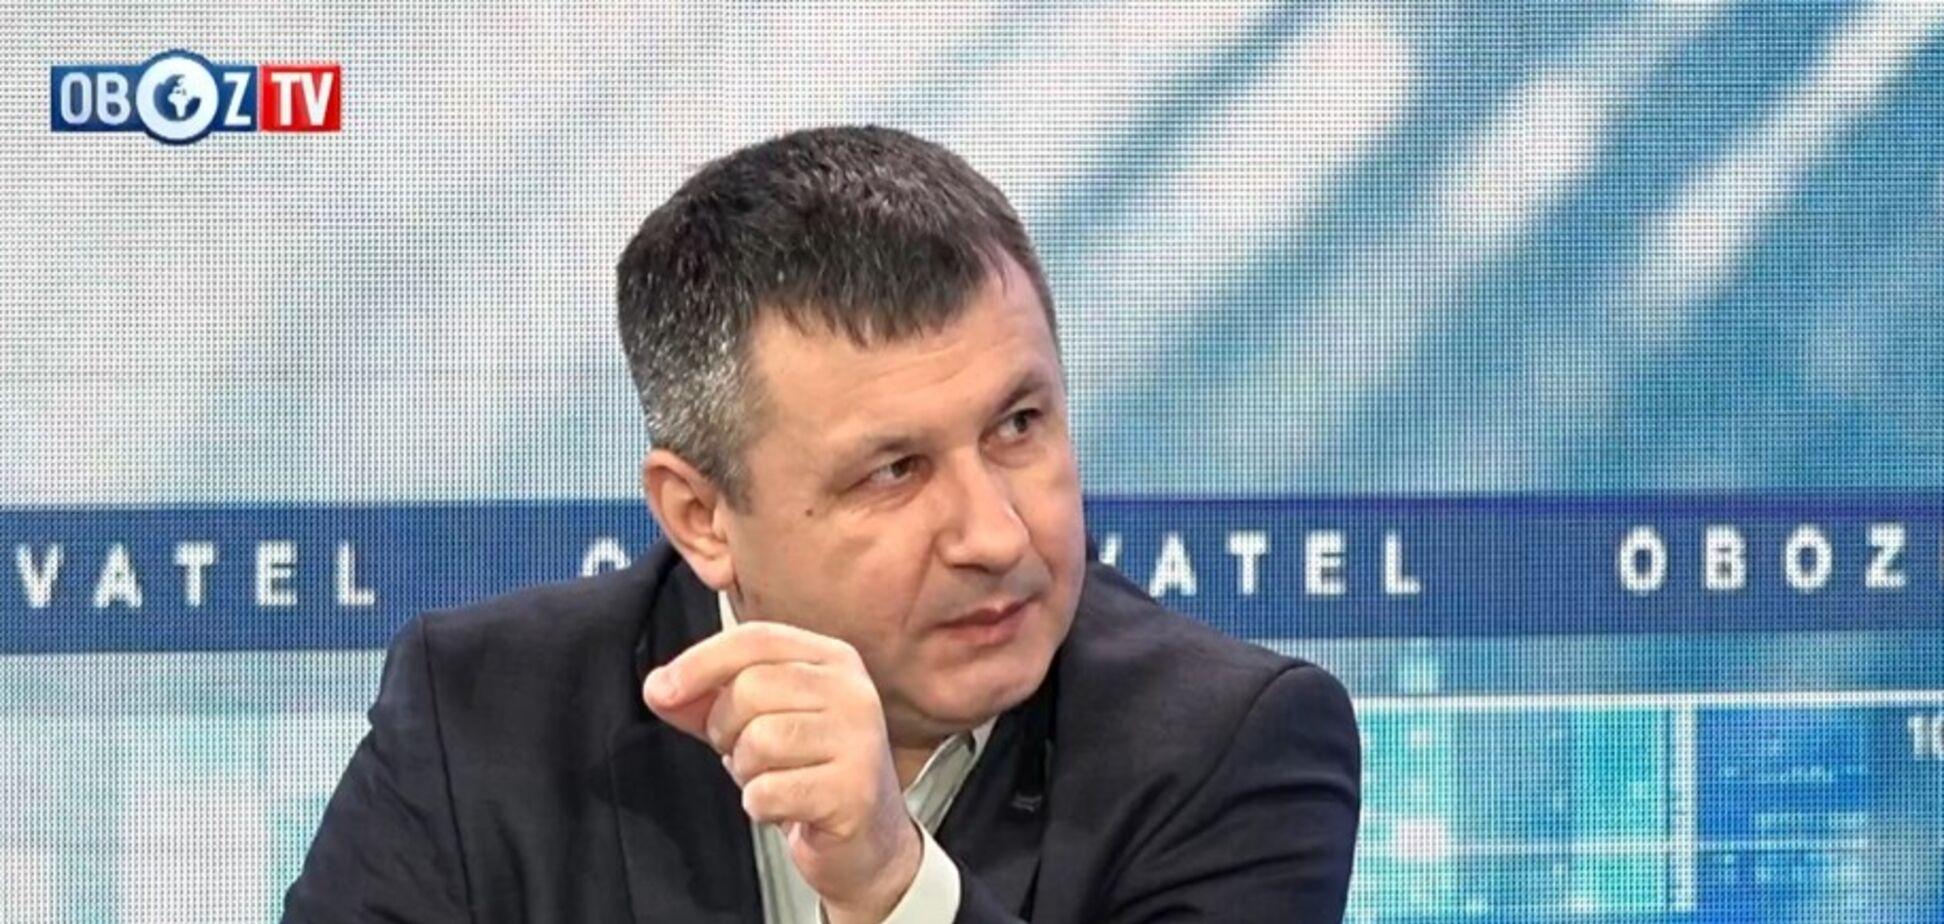 Форум в Давосі: експерт пояснив промову Зеленського